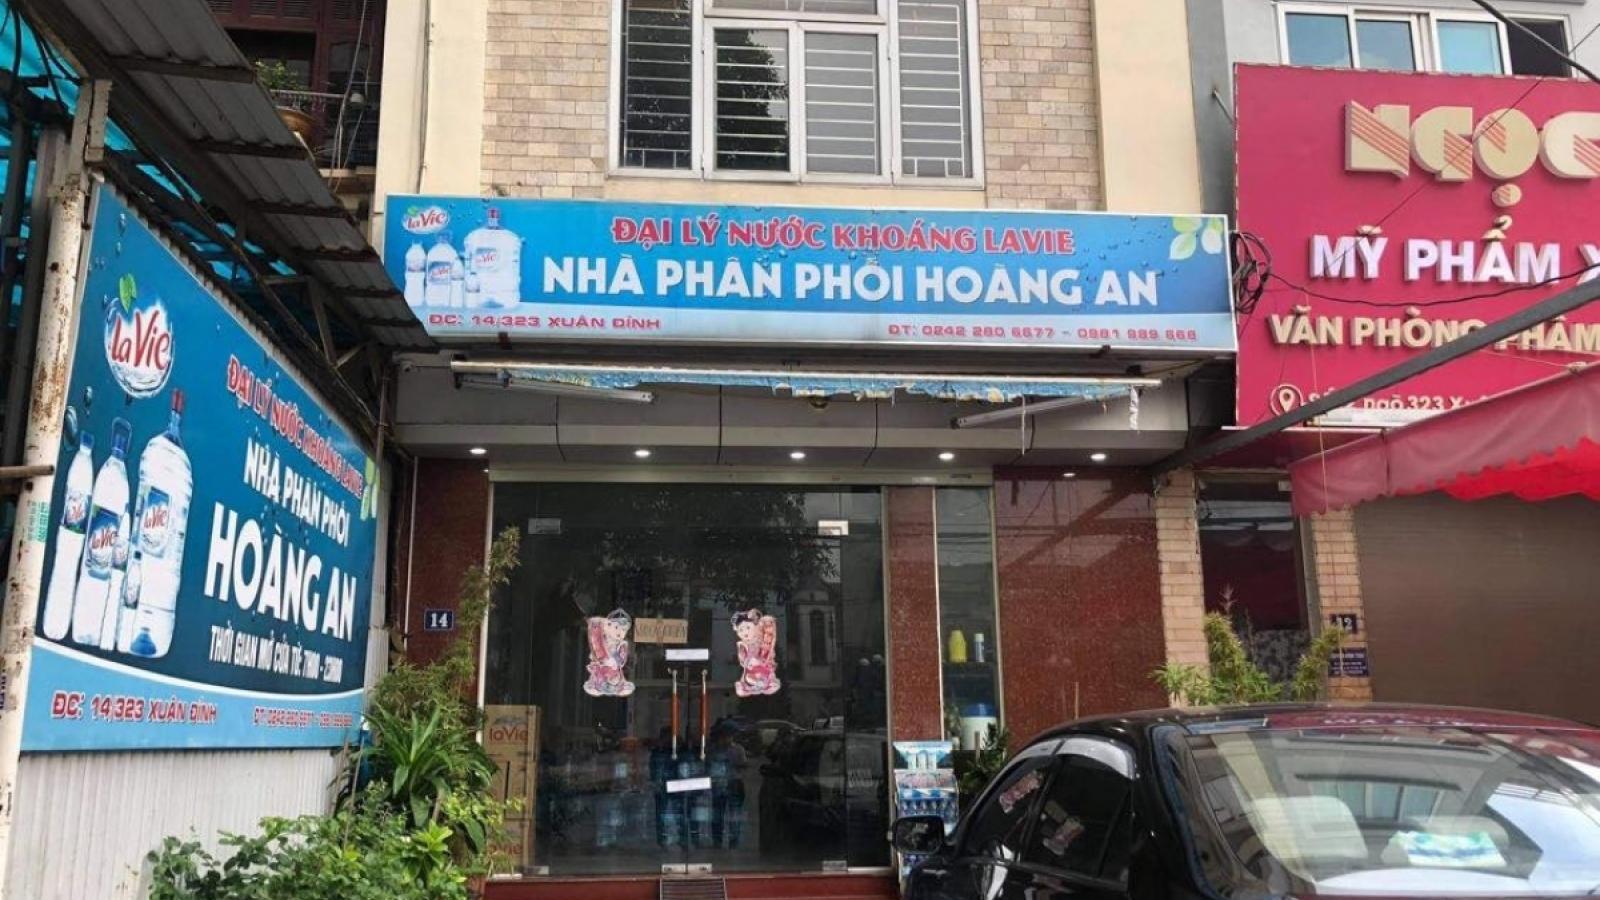 Nóng 24h: Diễn biến mới vụ cháu bé 6 tuổi tử vong ở Hà Nội